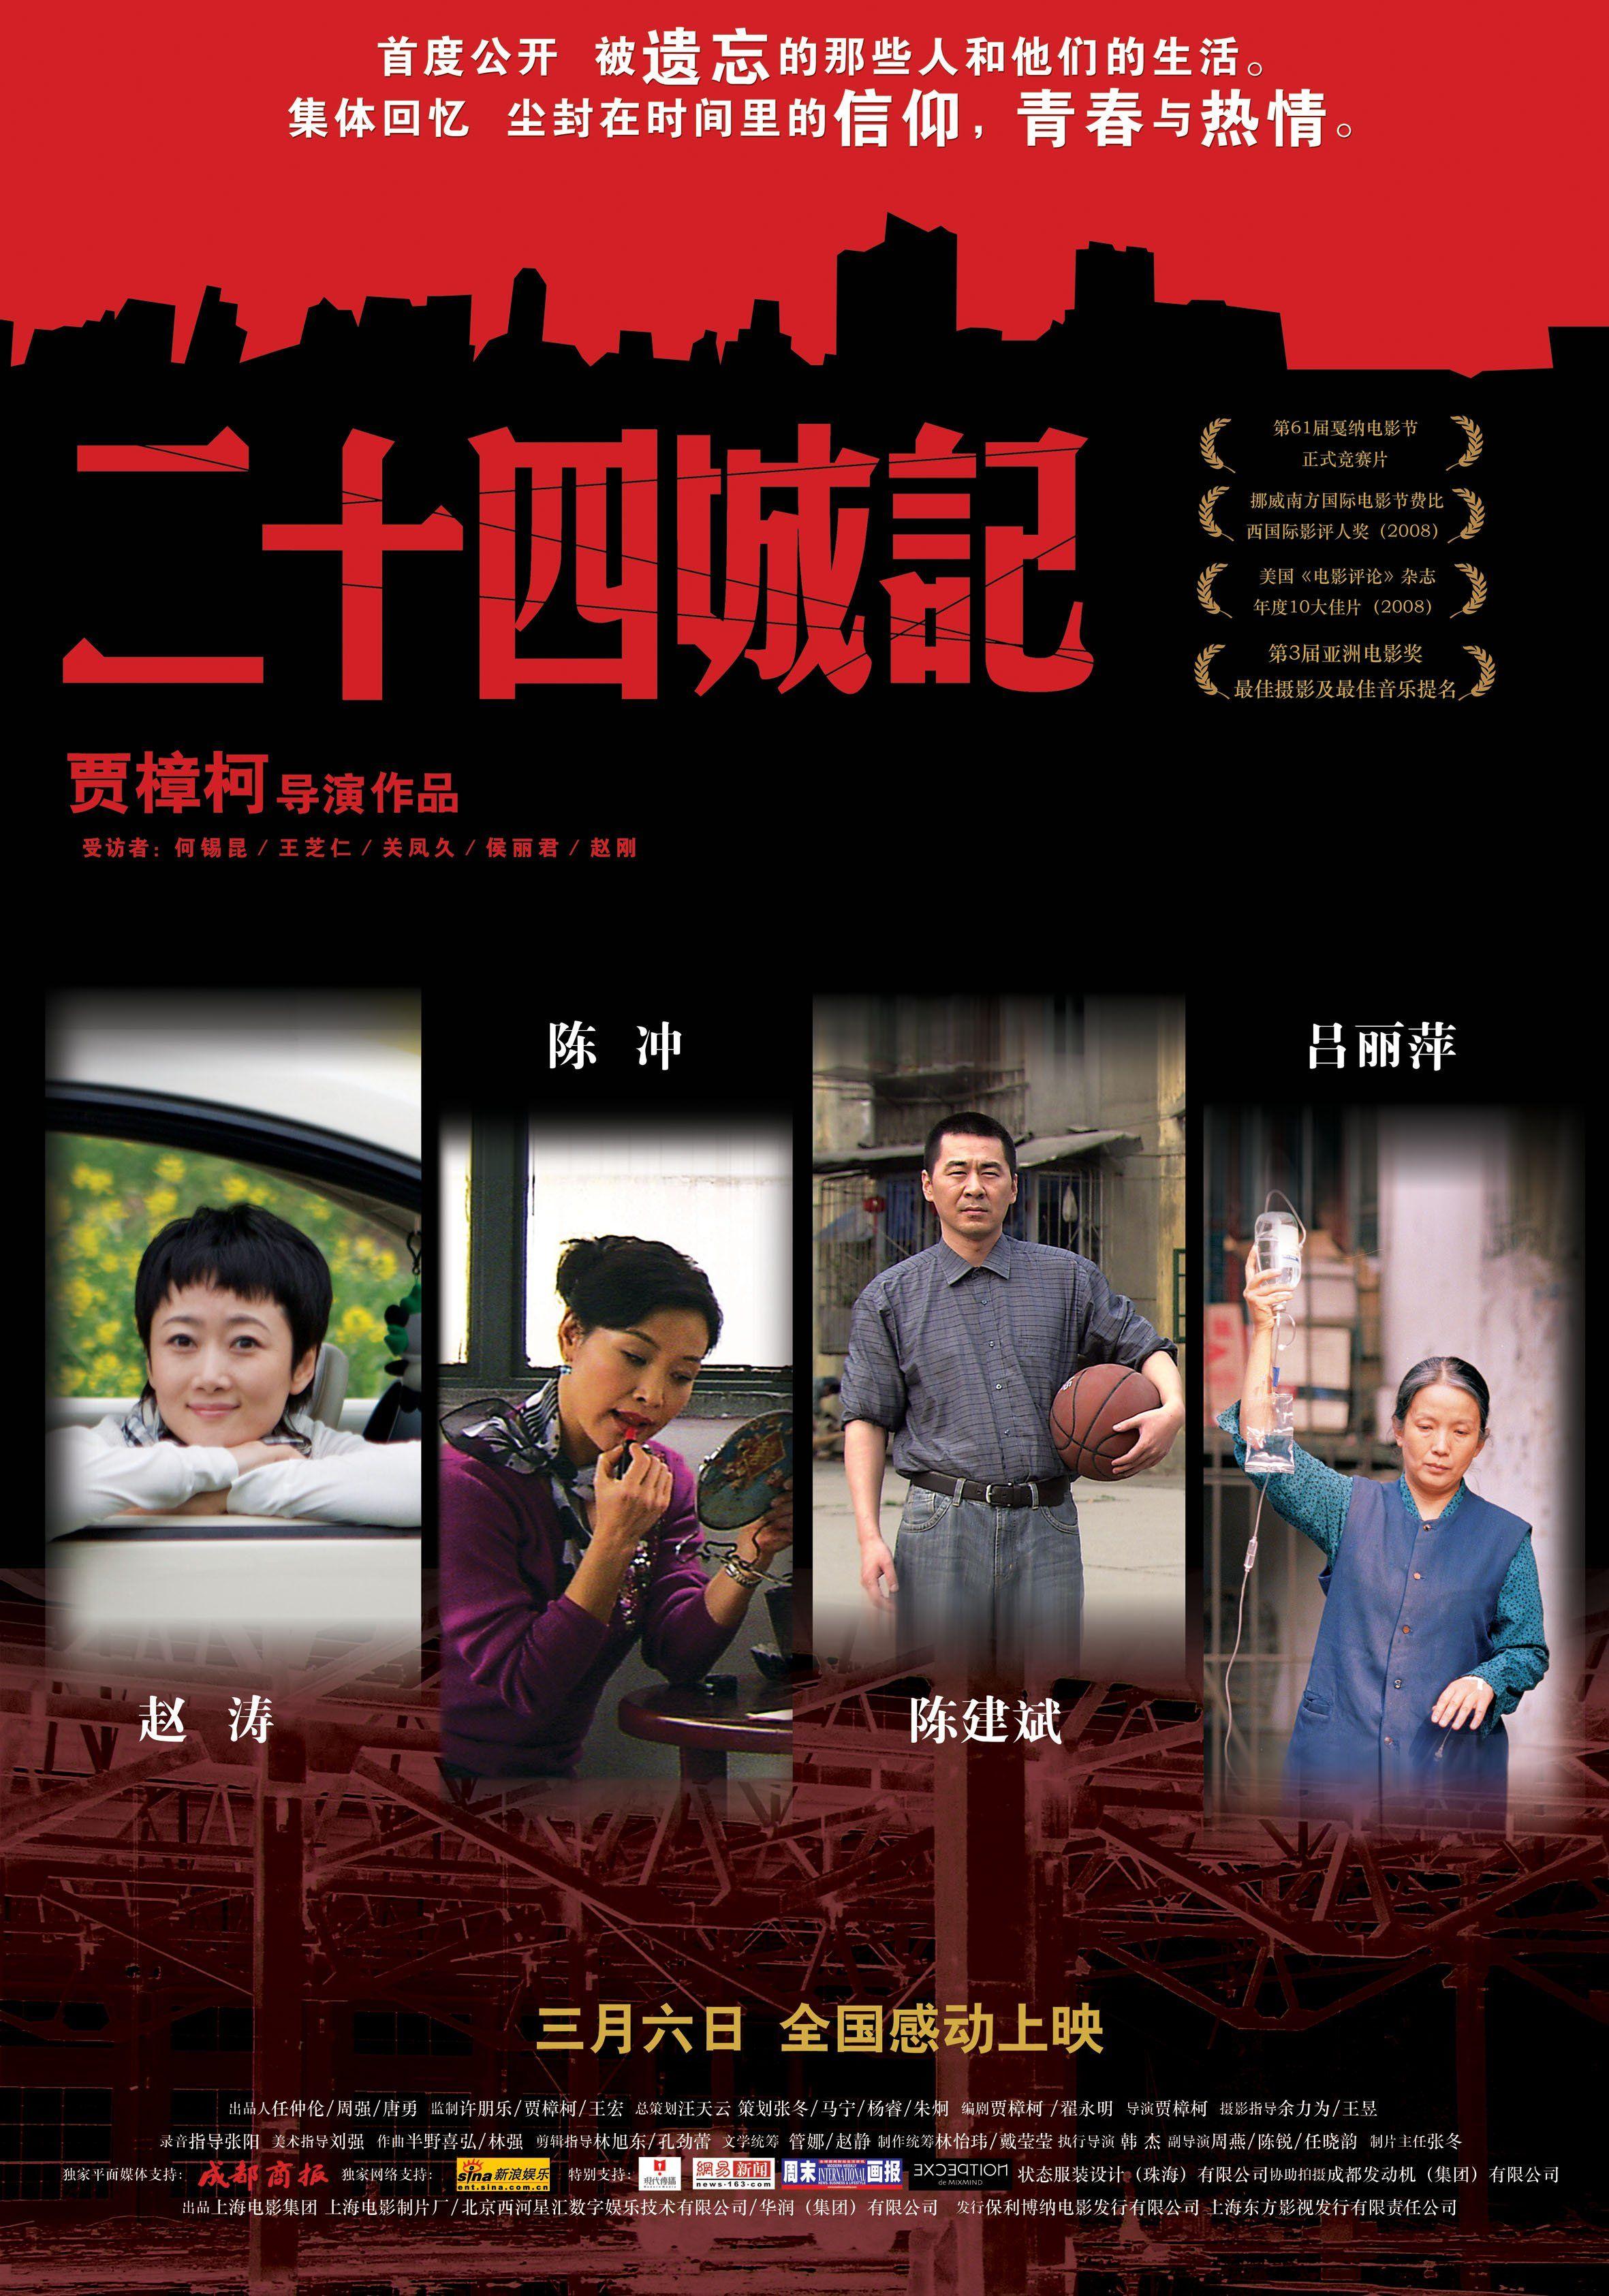 [独家]十年来片片入戛纳 贾樟柯如何成为华语电影一哥